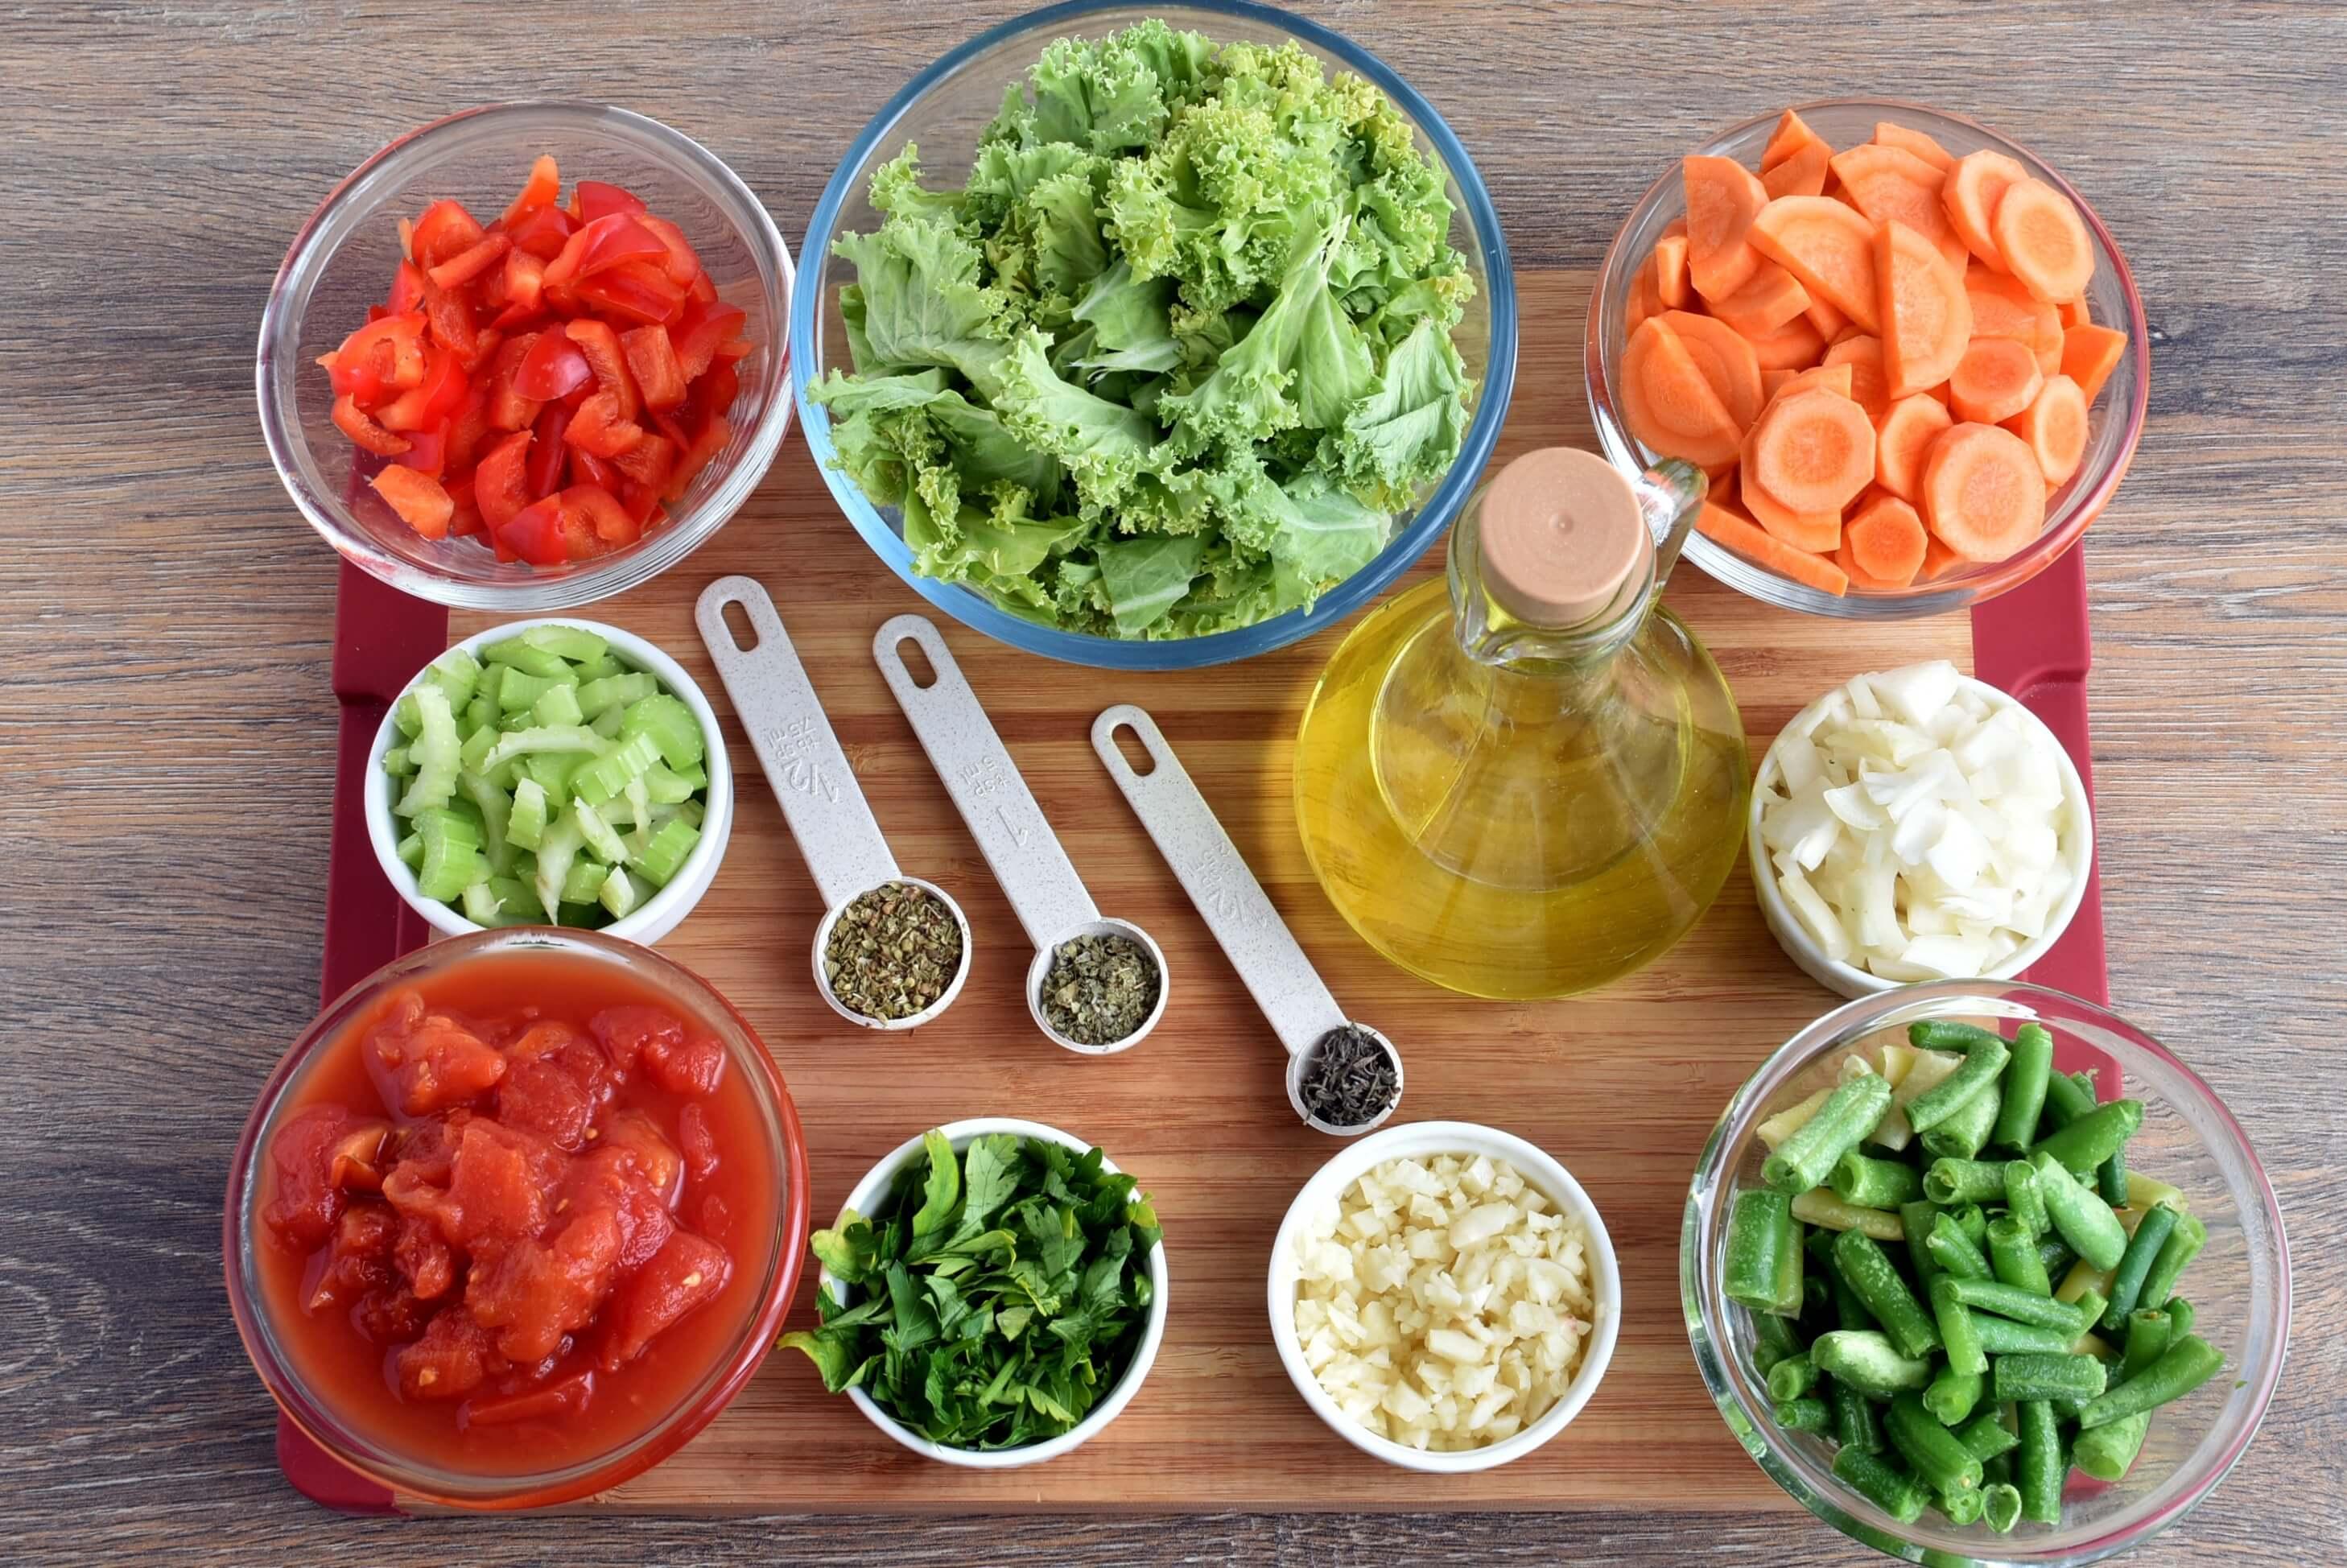 Ingridiens for Vegan Detox Soup